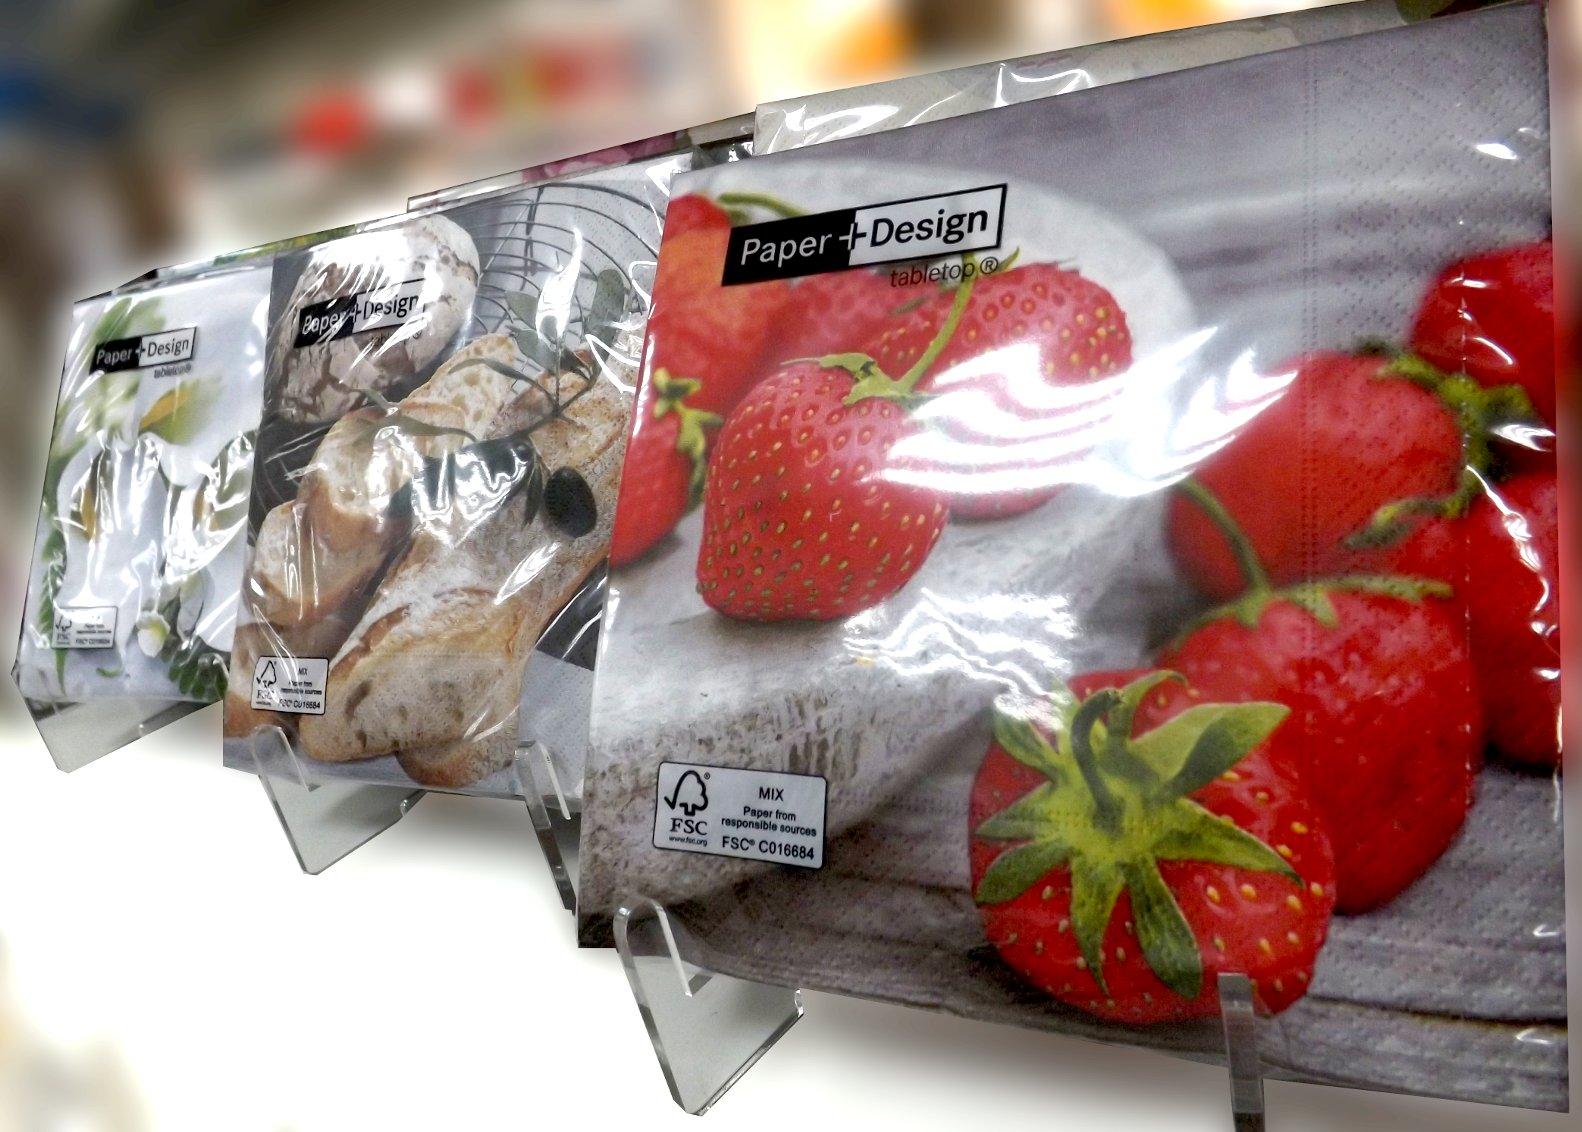 Бумажные салфетки от Paper+Design в прозрачных упаковках с изображениями клубники, хлеба и цветов